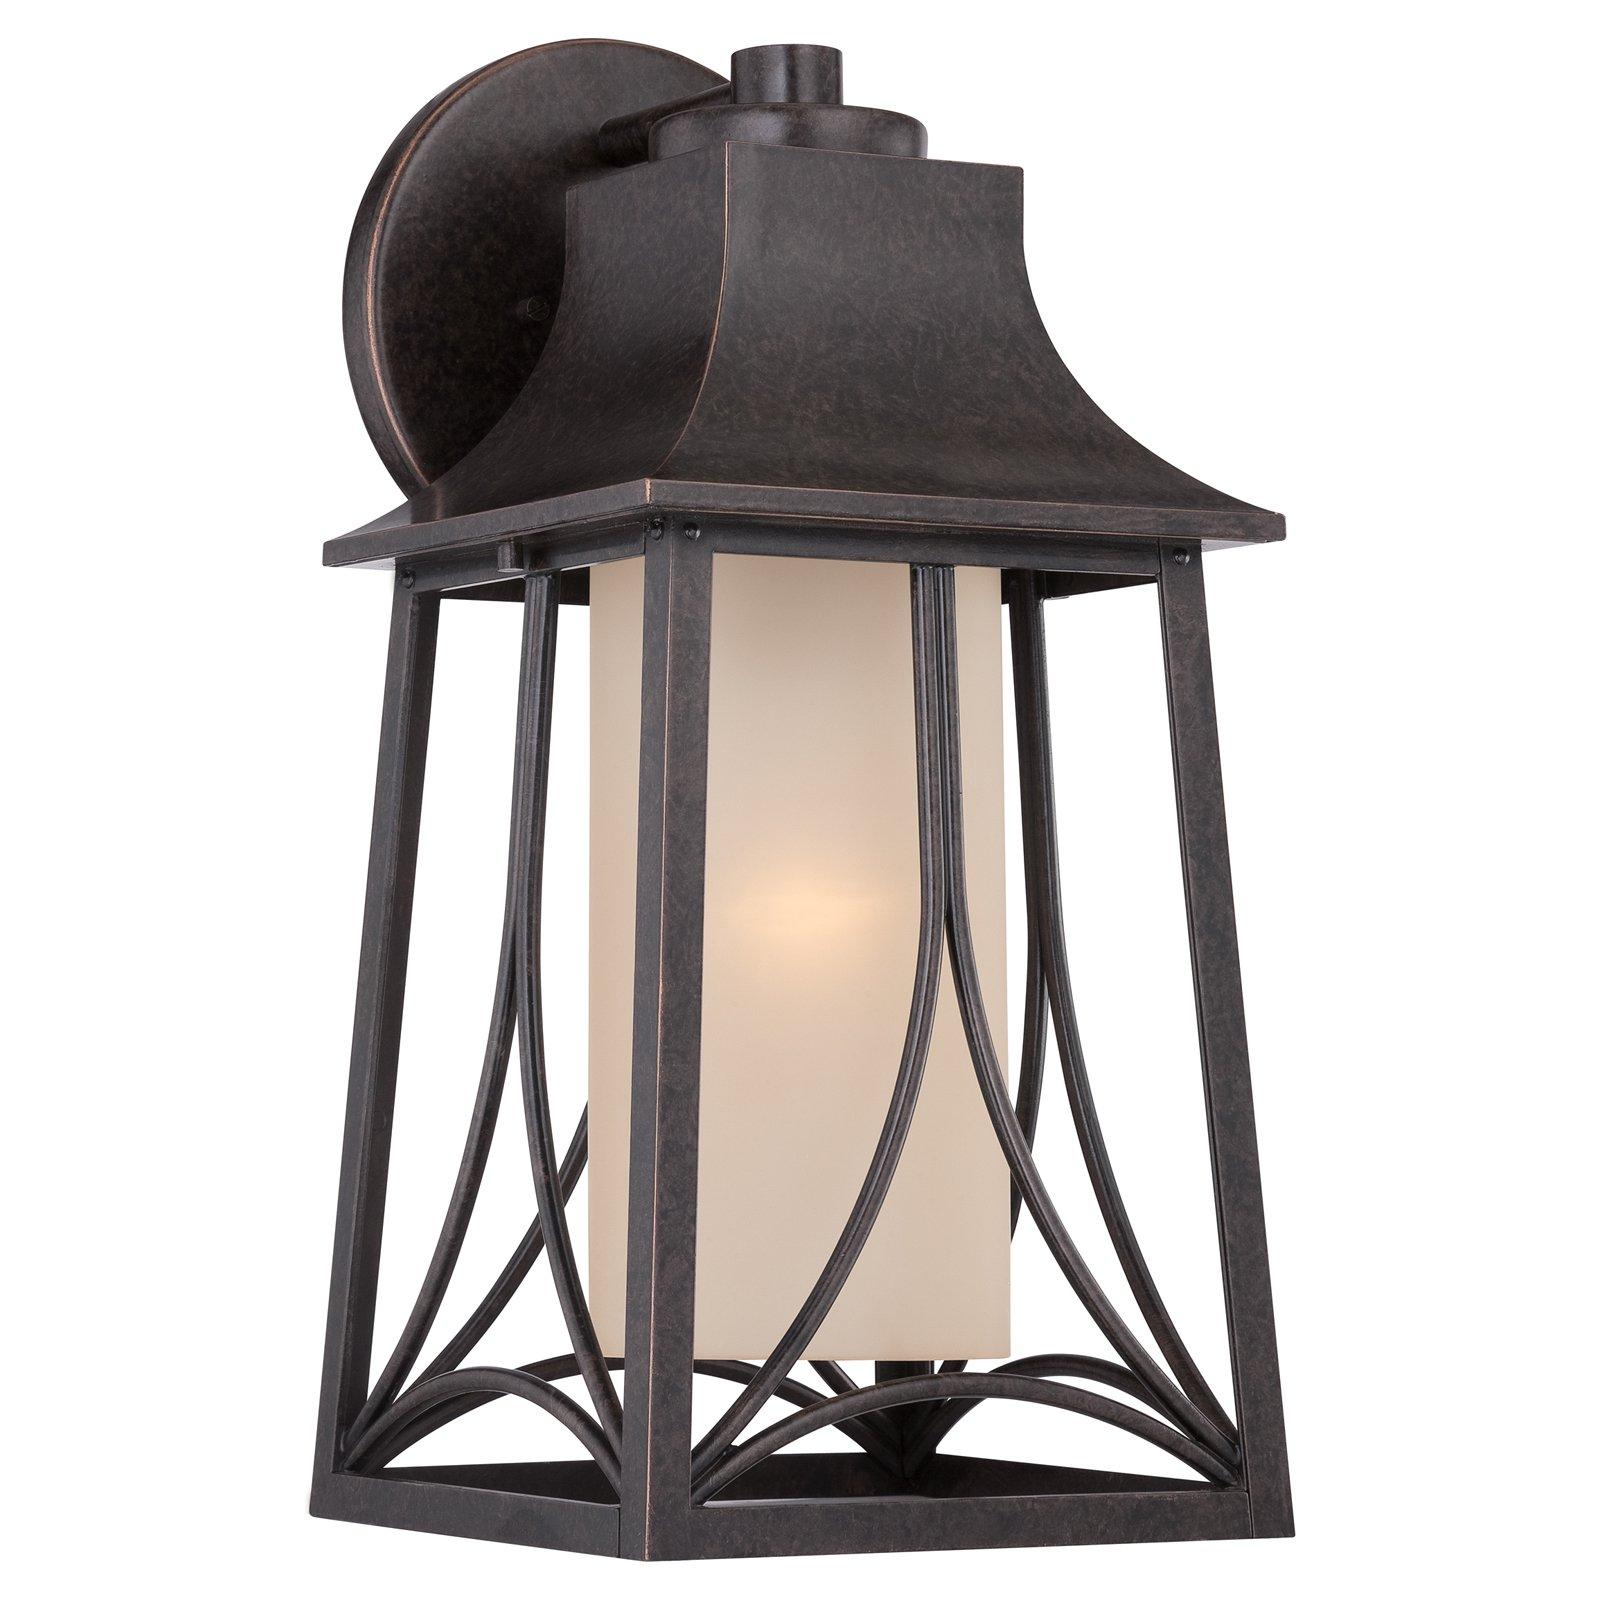 Quoizel Hunter HTR8408IB Outdoor Wall Lantern